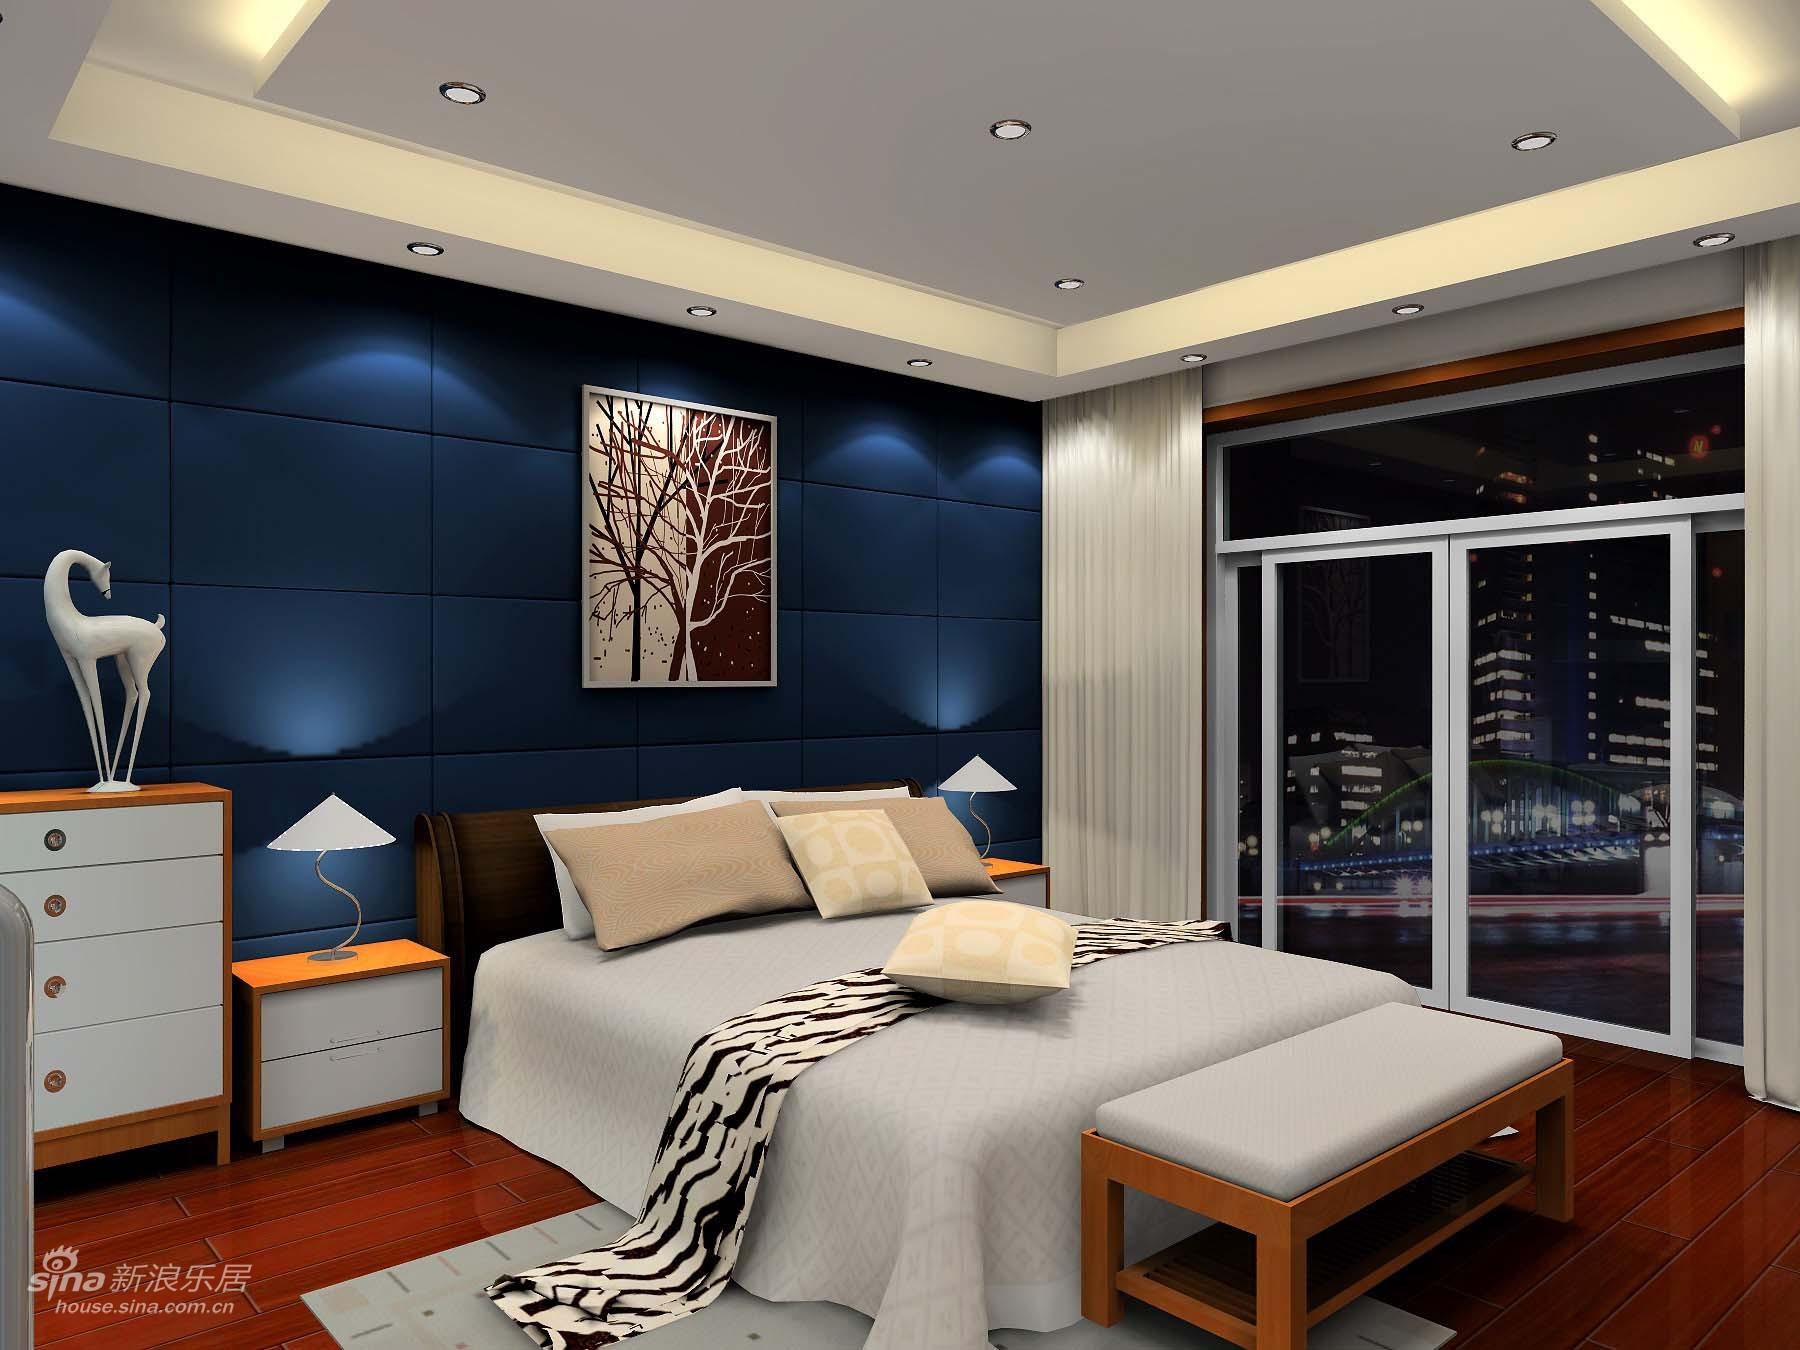 欧式 复式 卧室图片来自用户2772873991在豪华复式14的分享